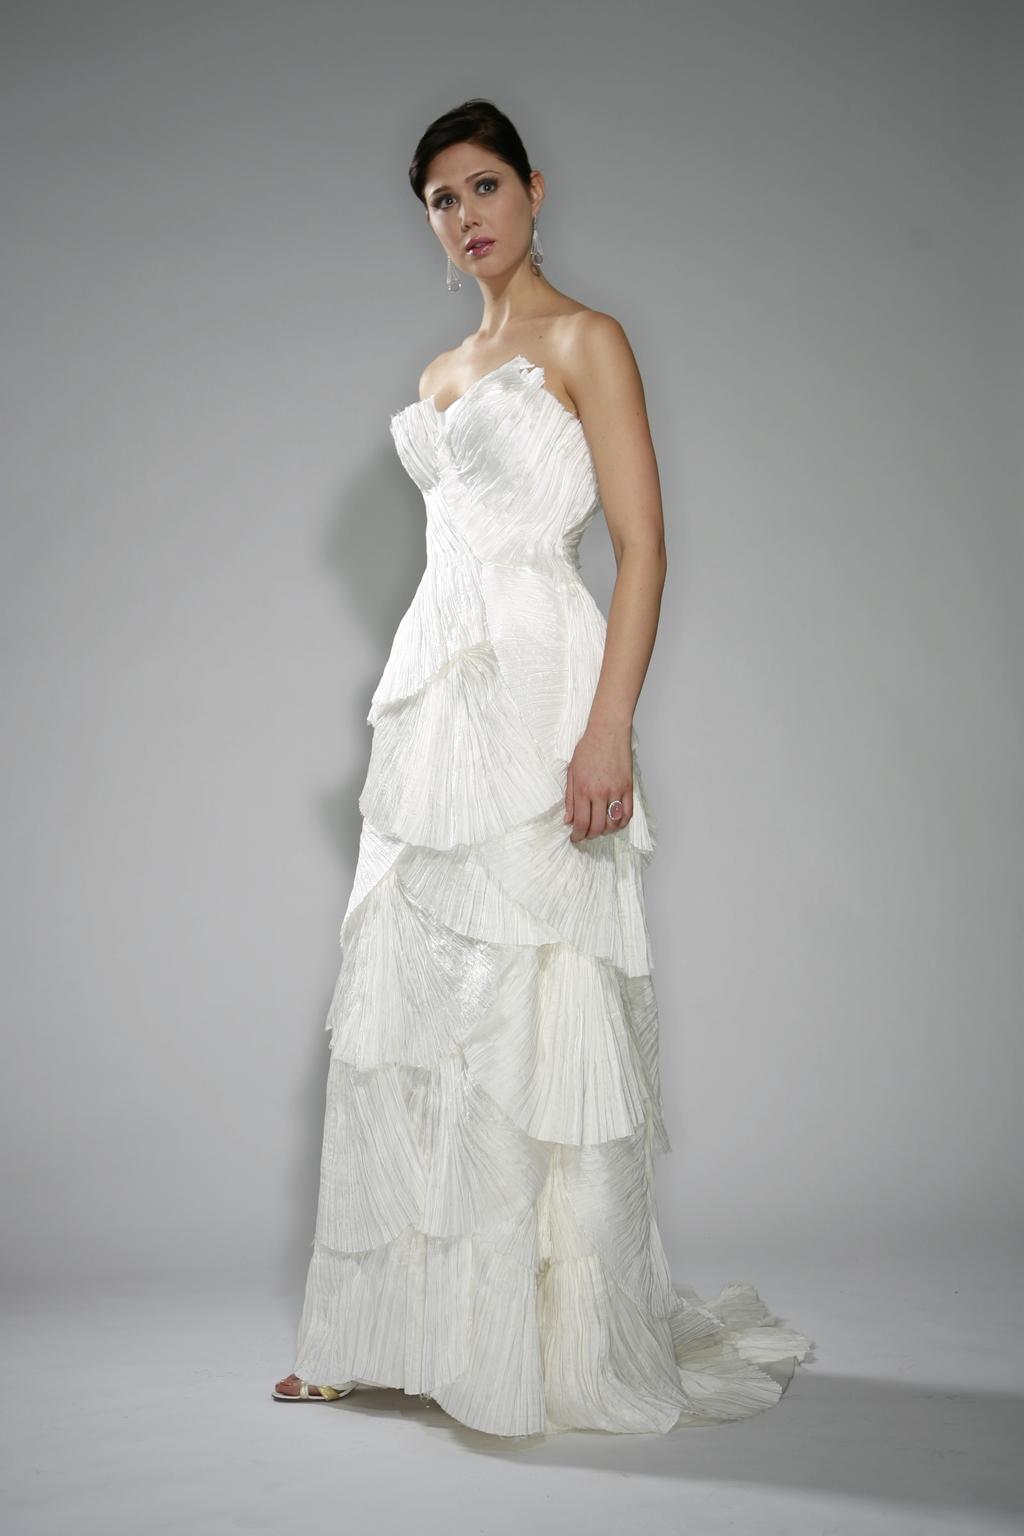 Carmen_spring-2010-white-strapless-wedding-dress-scallops.full